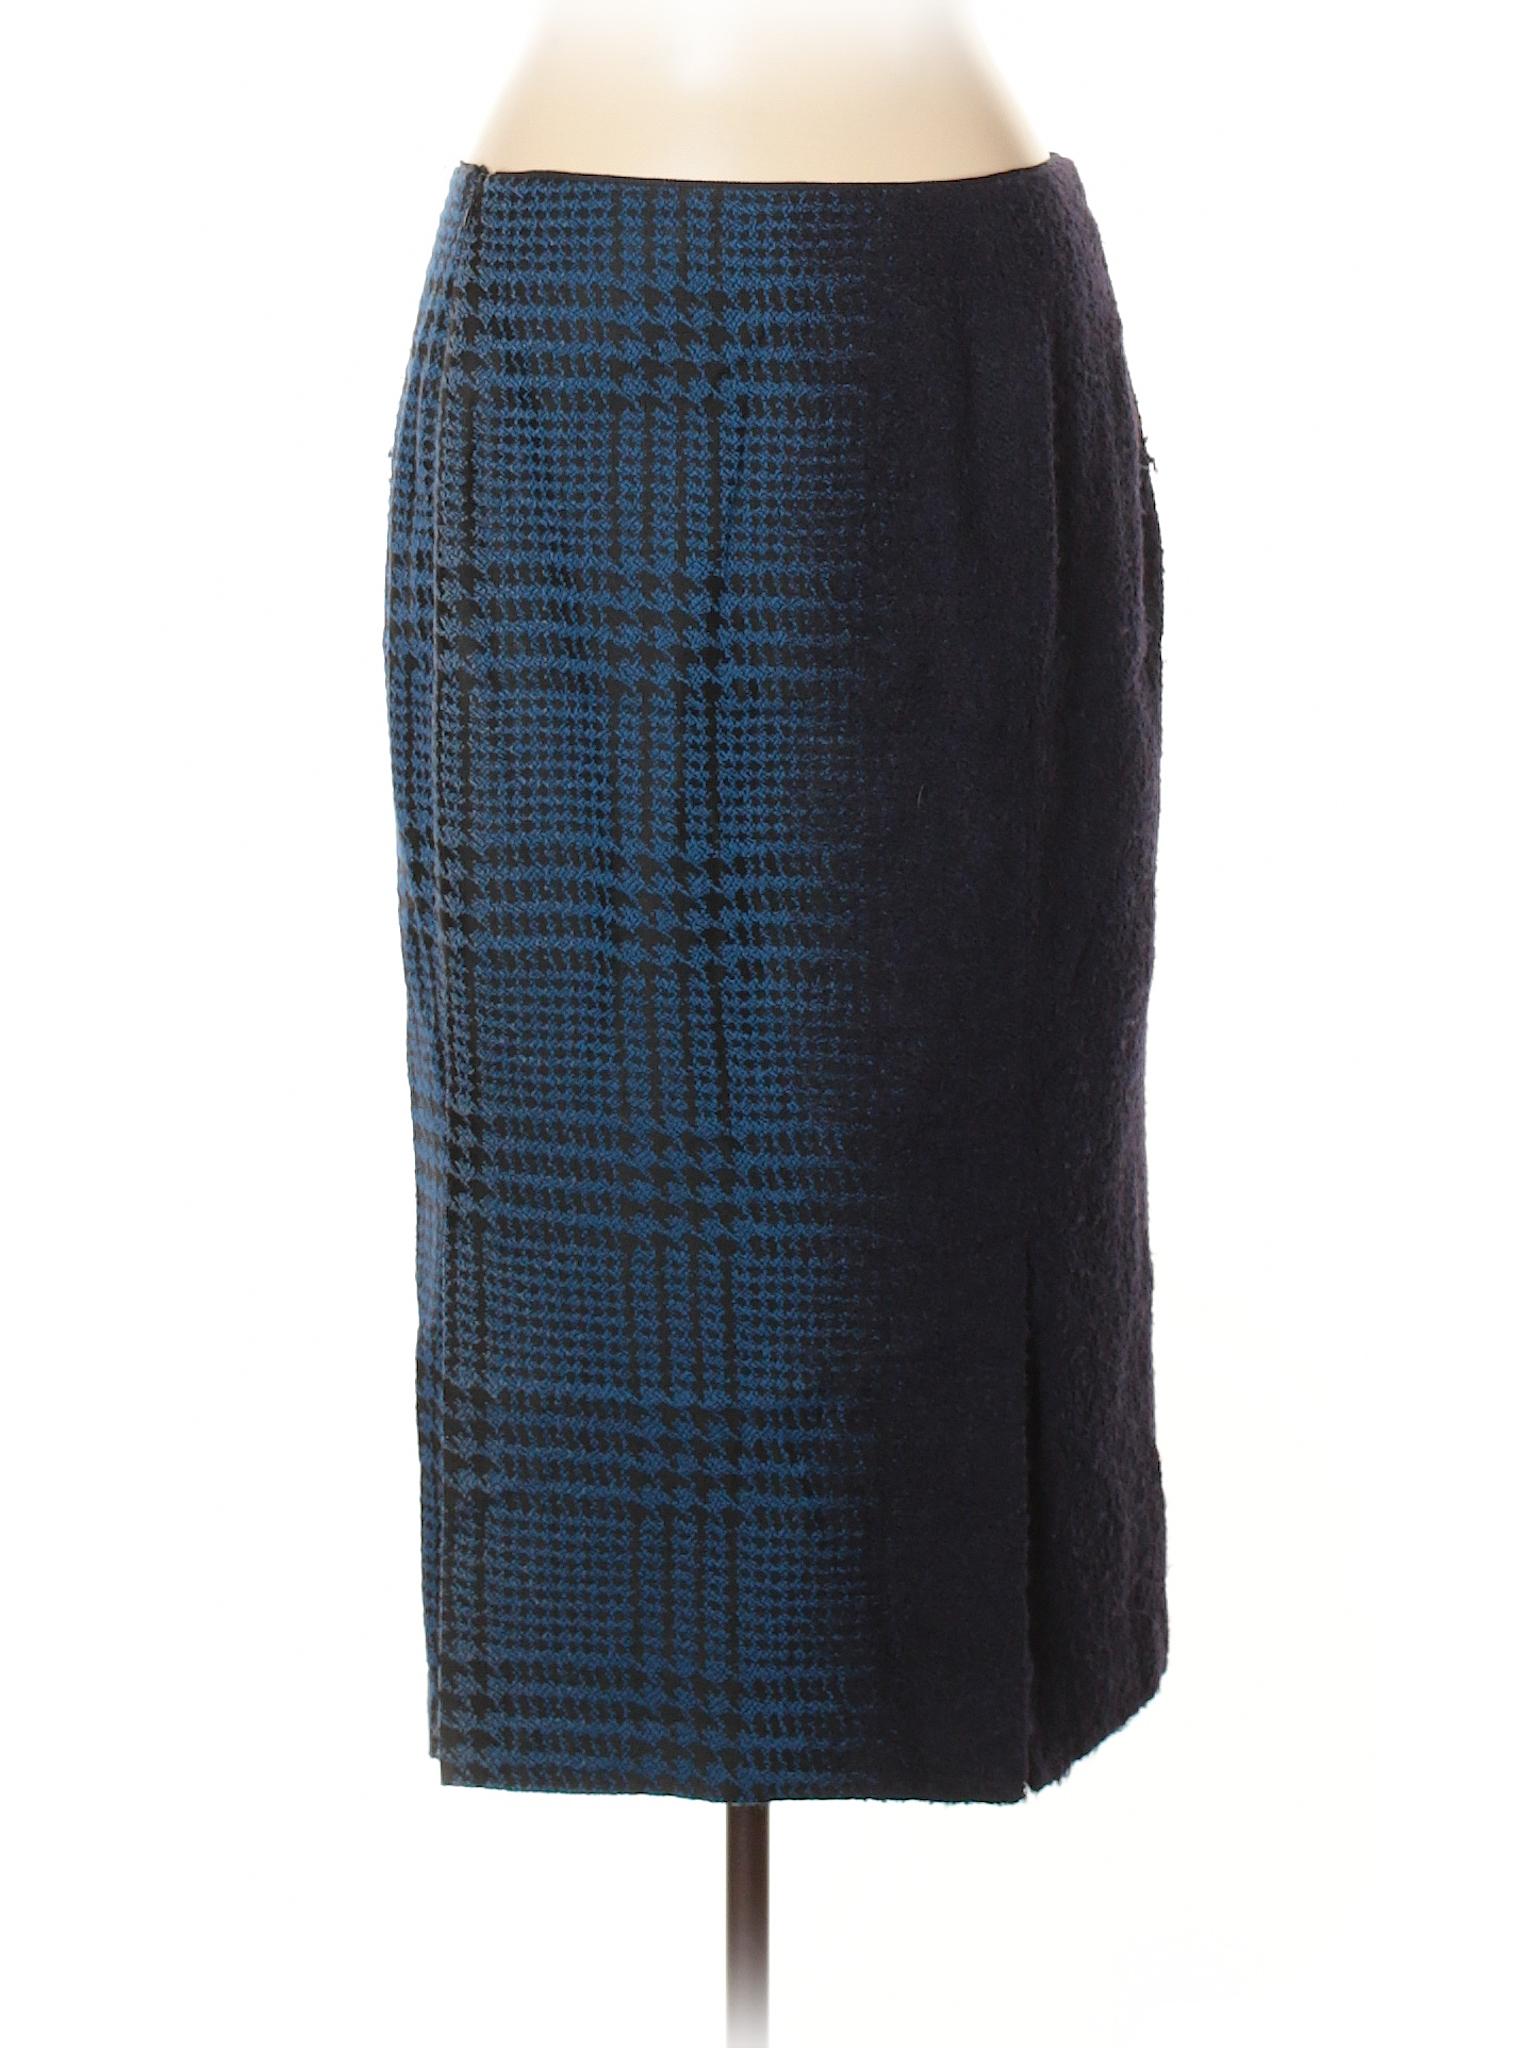 Skirt Casual Lafayette York 148 Leisure winter New xgRwZcHq